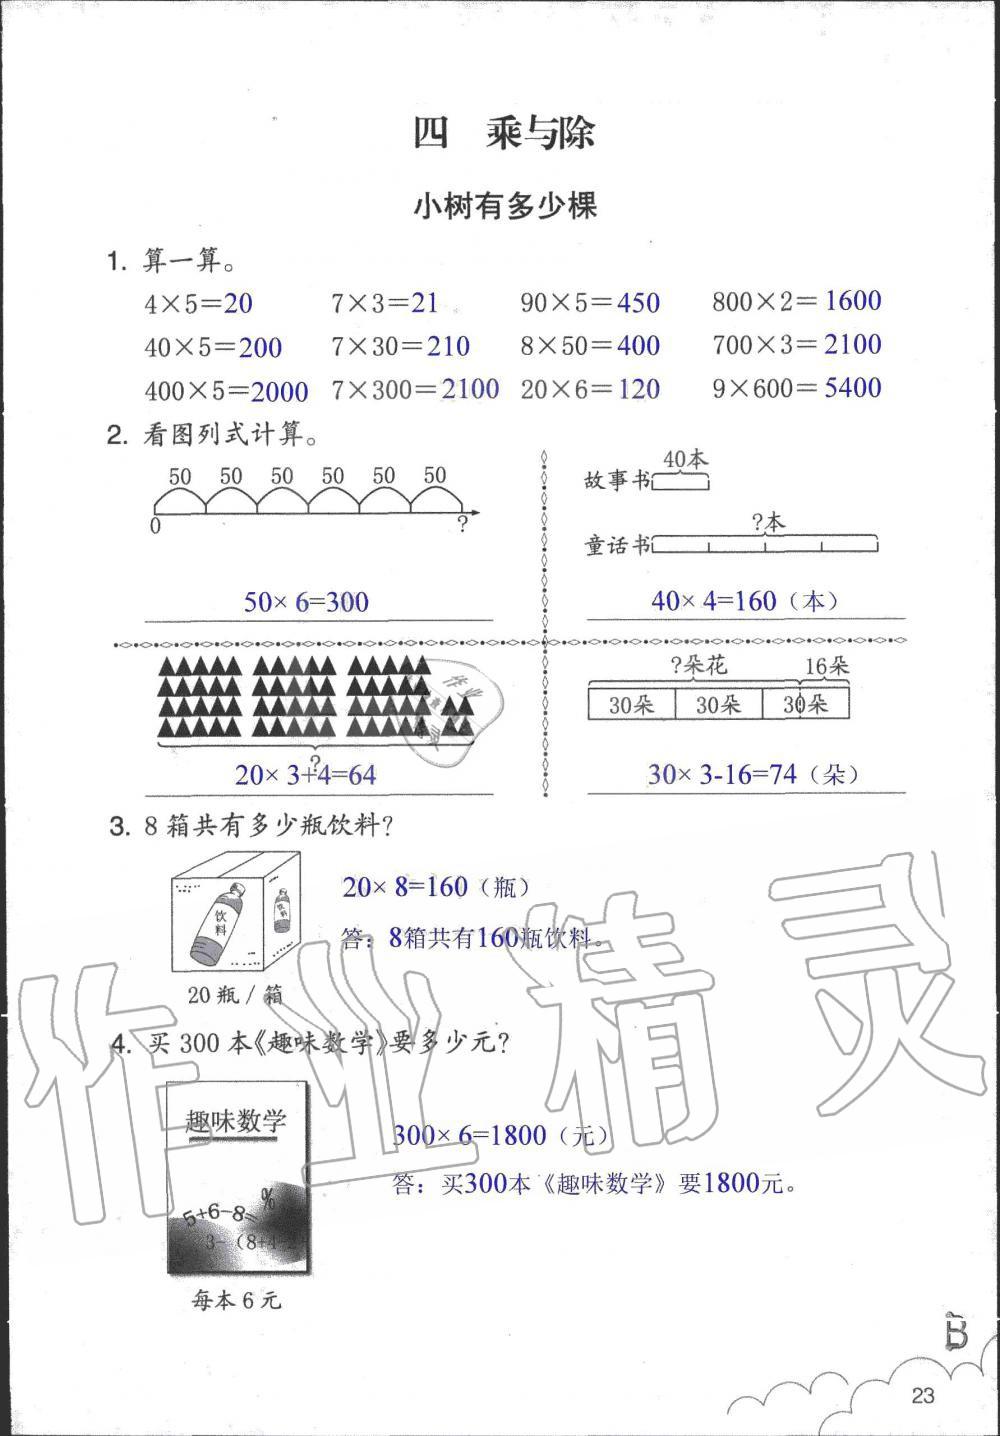 2019年数学作业本三年级上册北师大版浙江教育出版社第23页